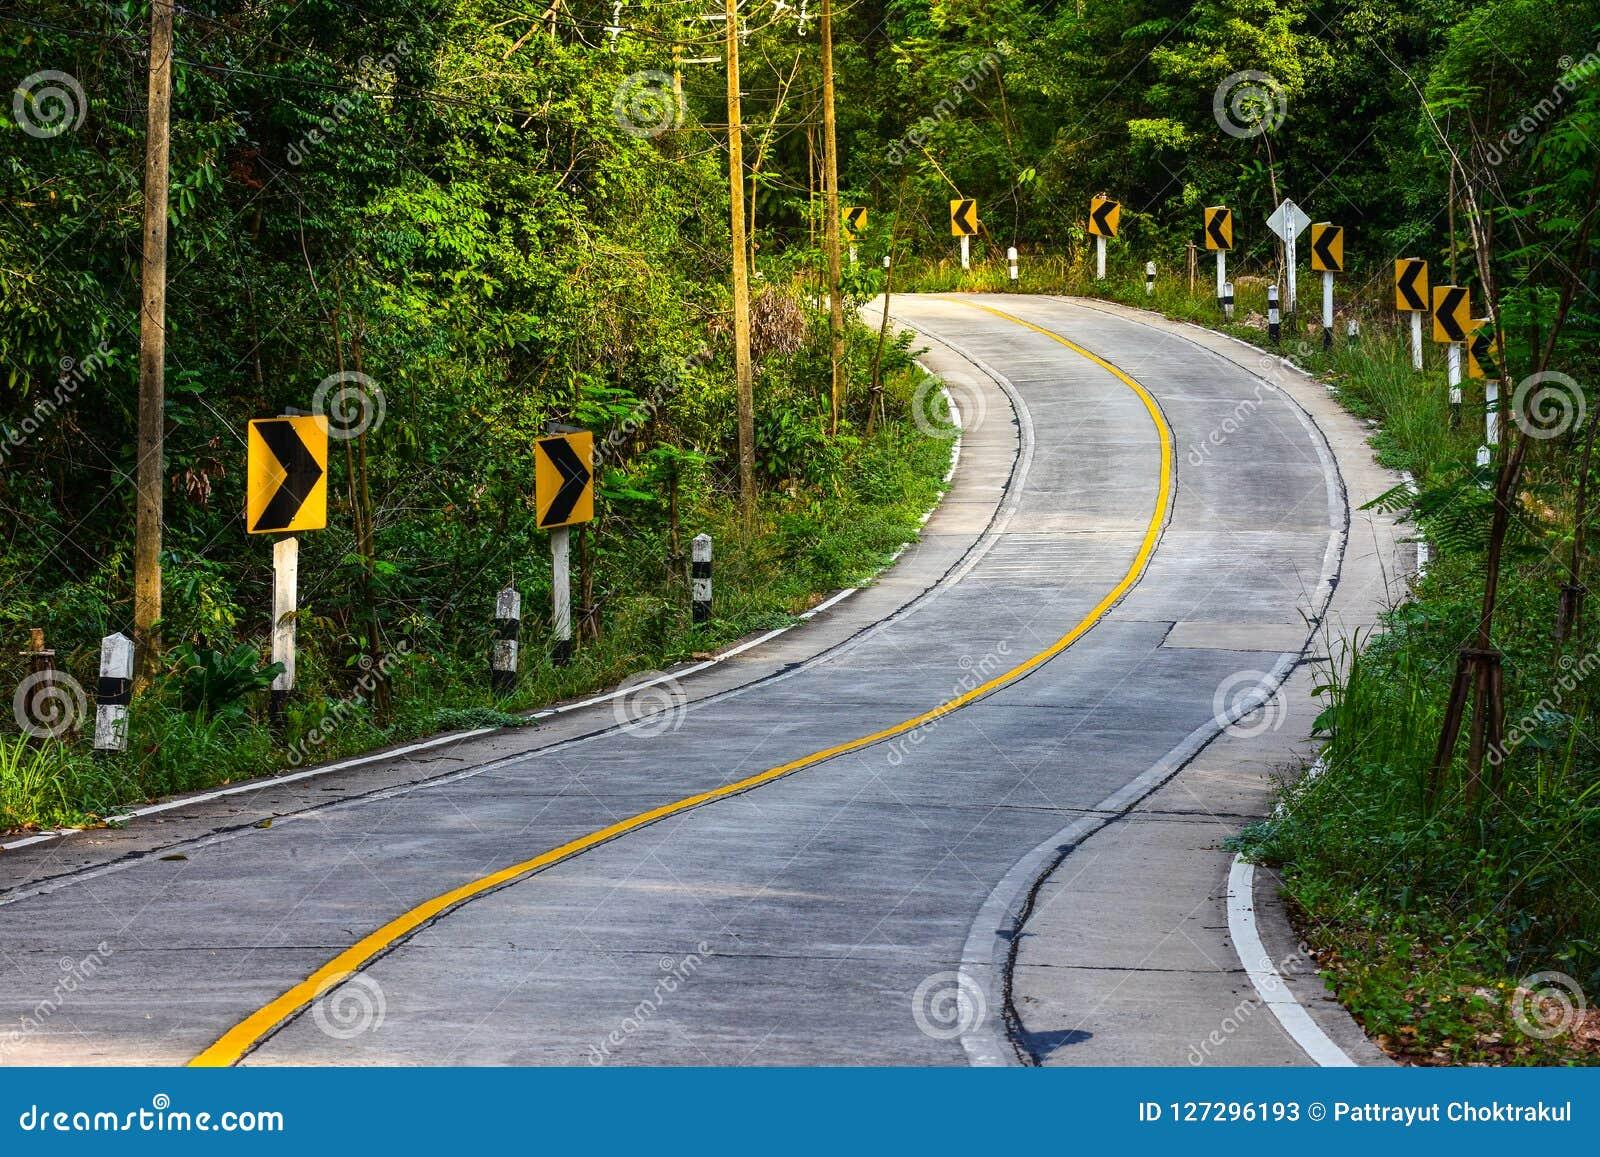 Взгляд дороги горы в Таиланде, дороге кривой